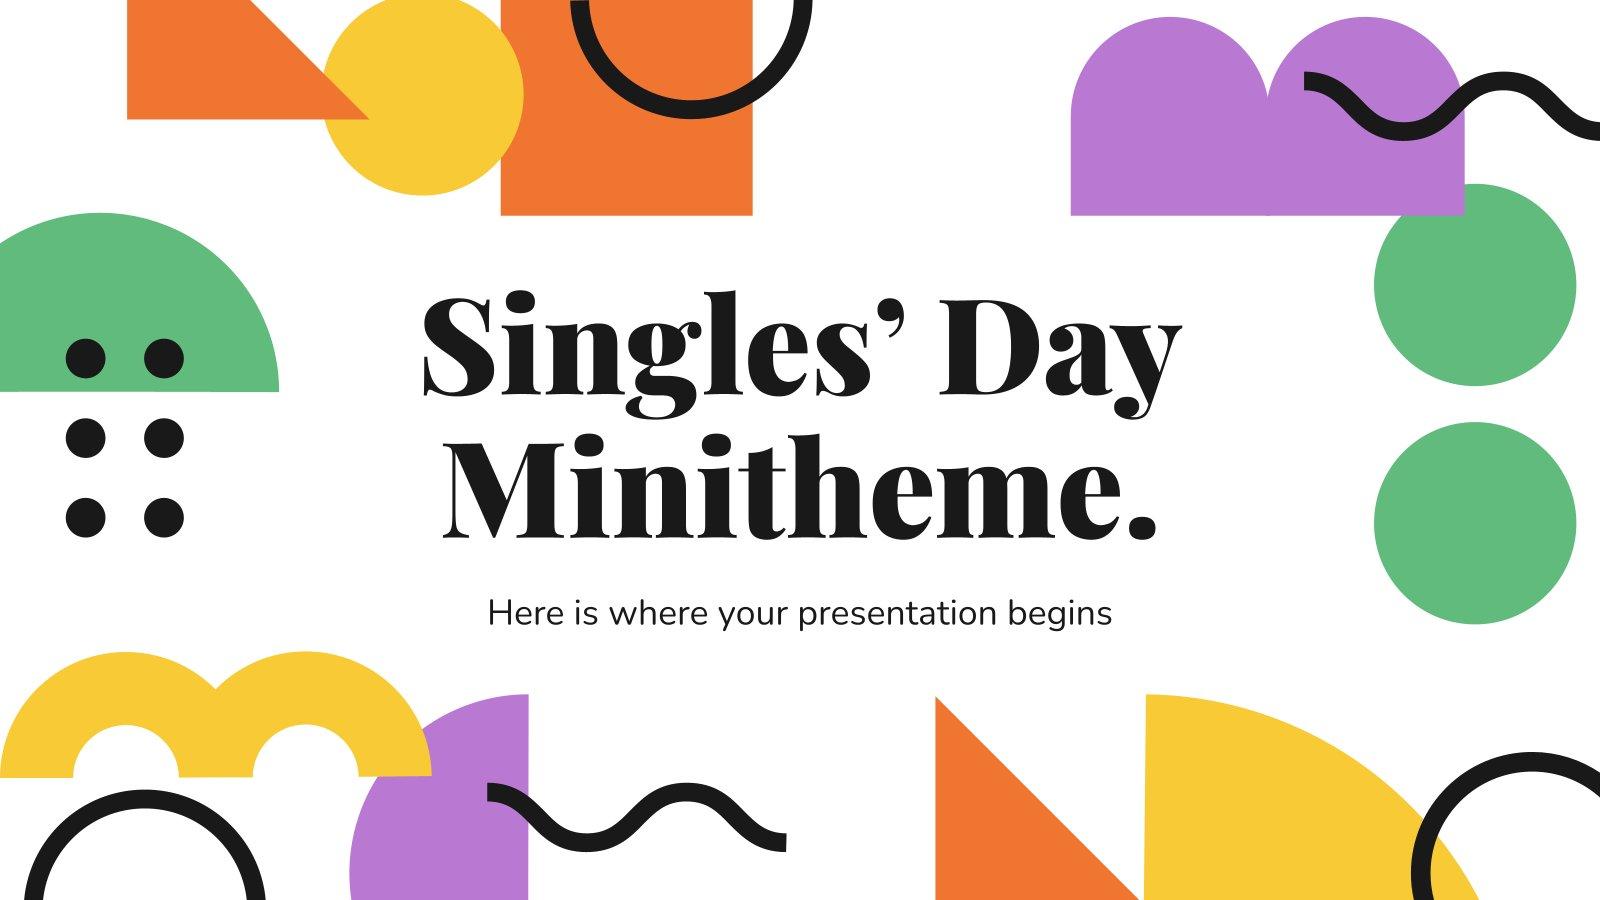 Modelo de apresentação Minitema do Dia dos Solteiros